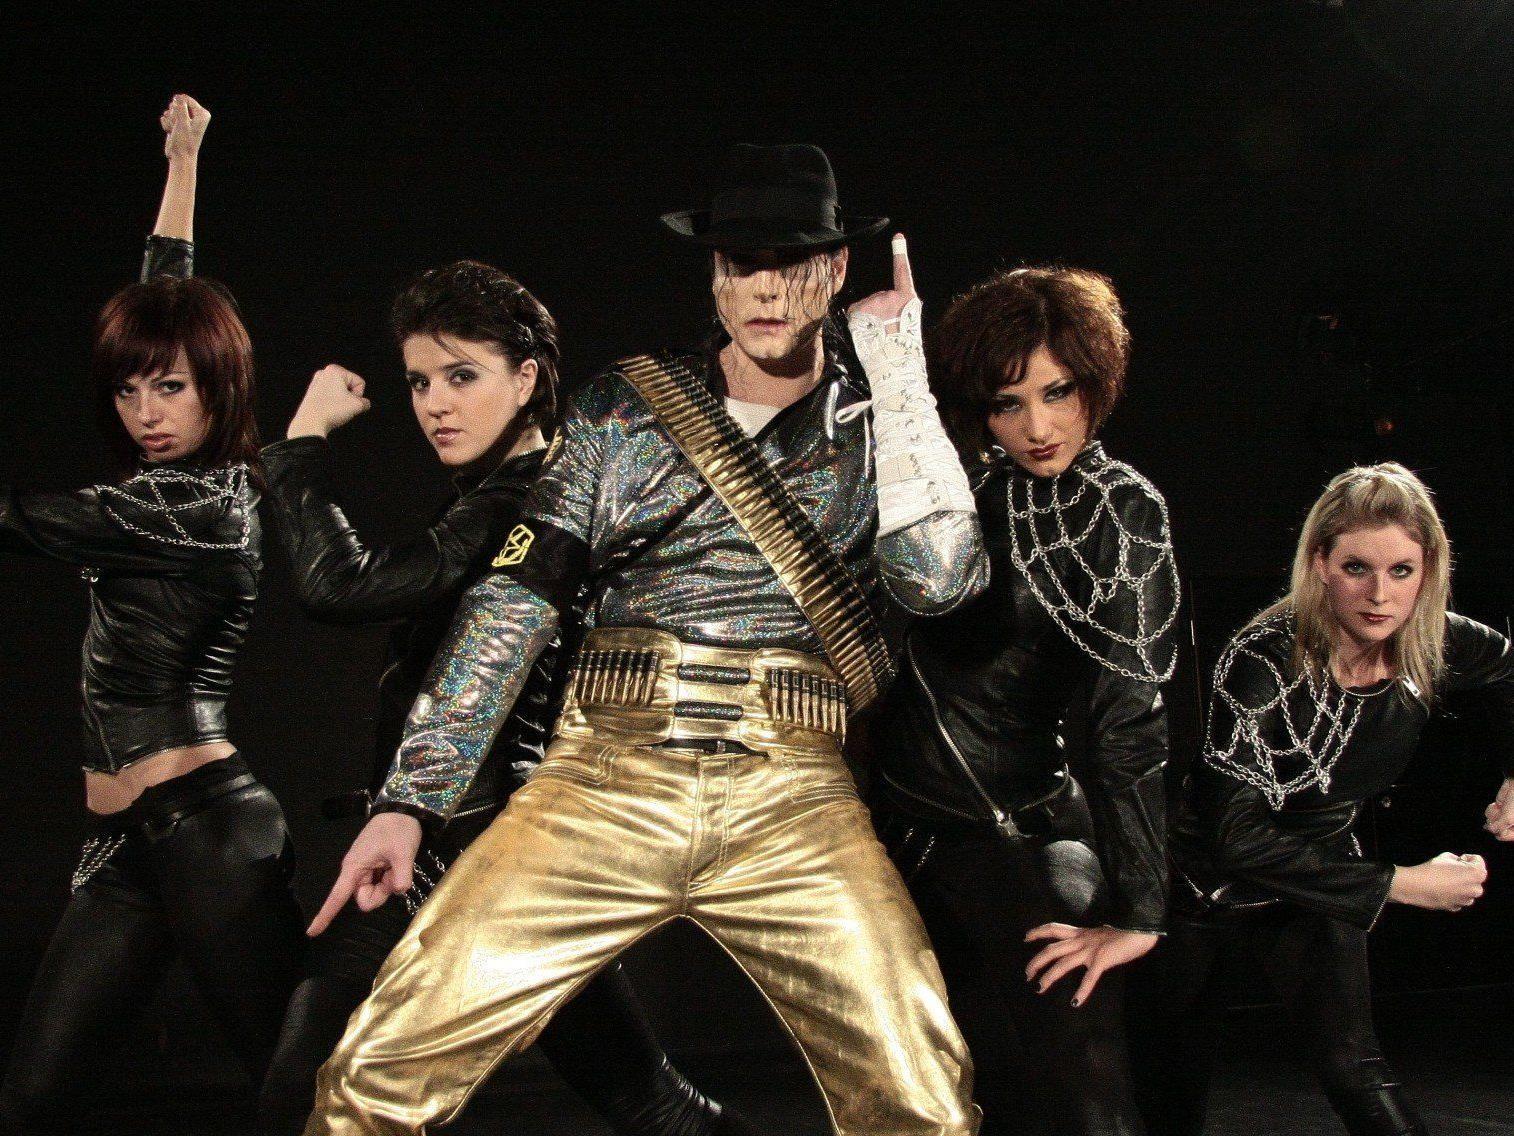 """Wir verlosen 3x2 Tickets für die Show """"Michael Jackson Tribute Show""""."""